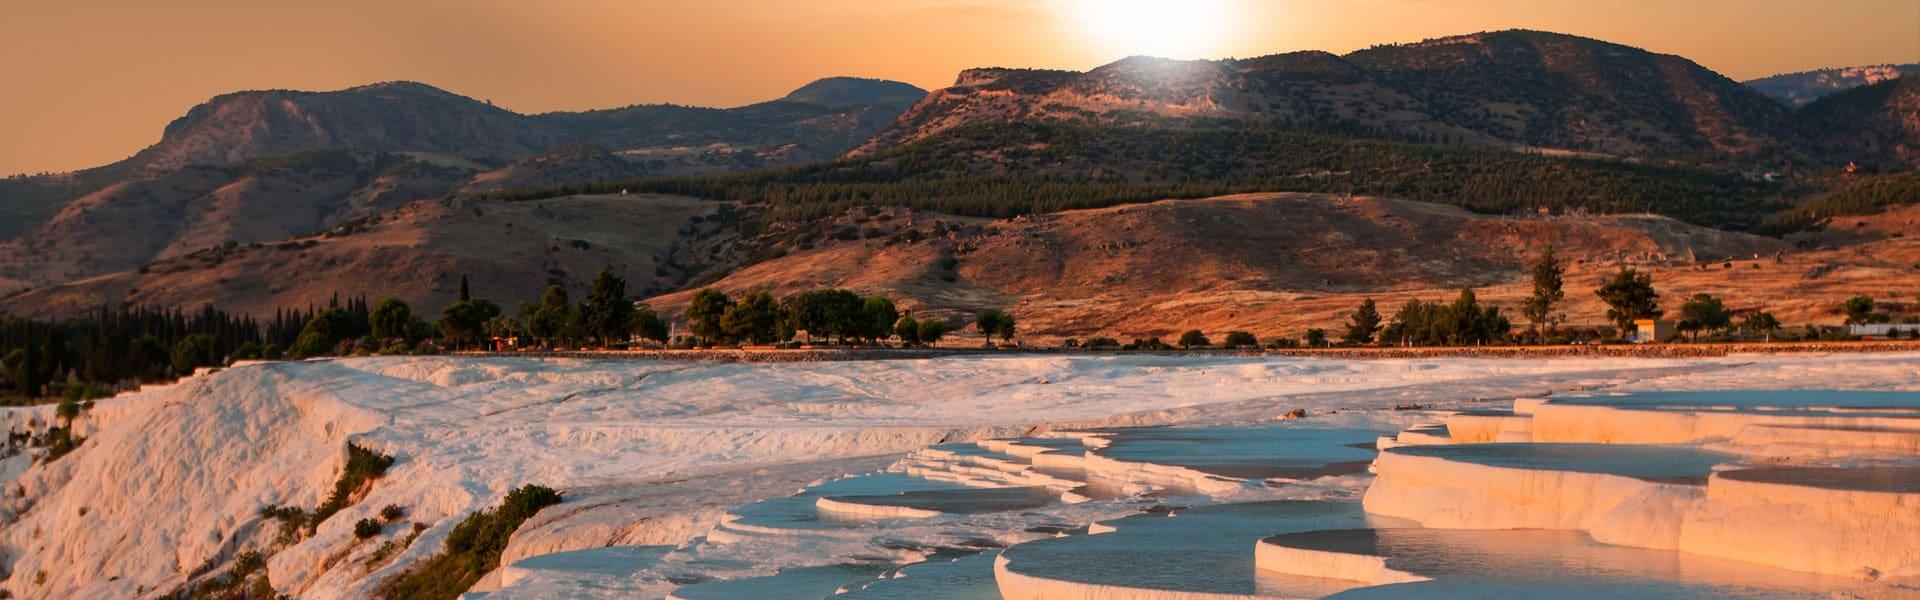 Atemberaubend schön: die Kalkterrassen von Pamukkale, Türkei